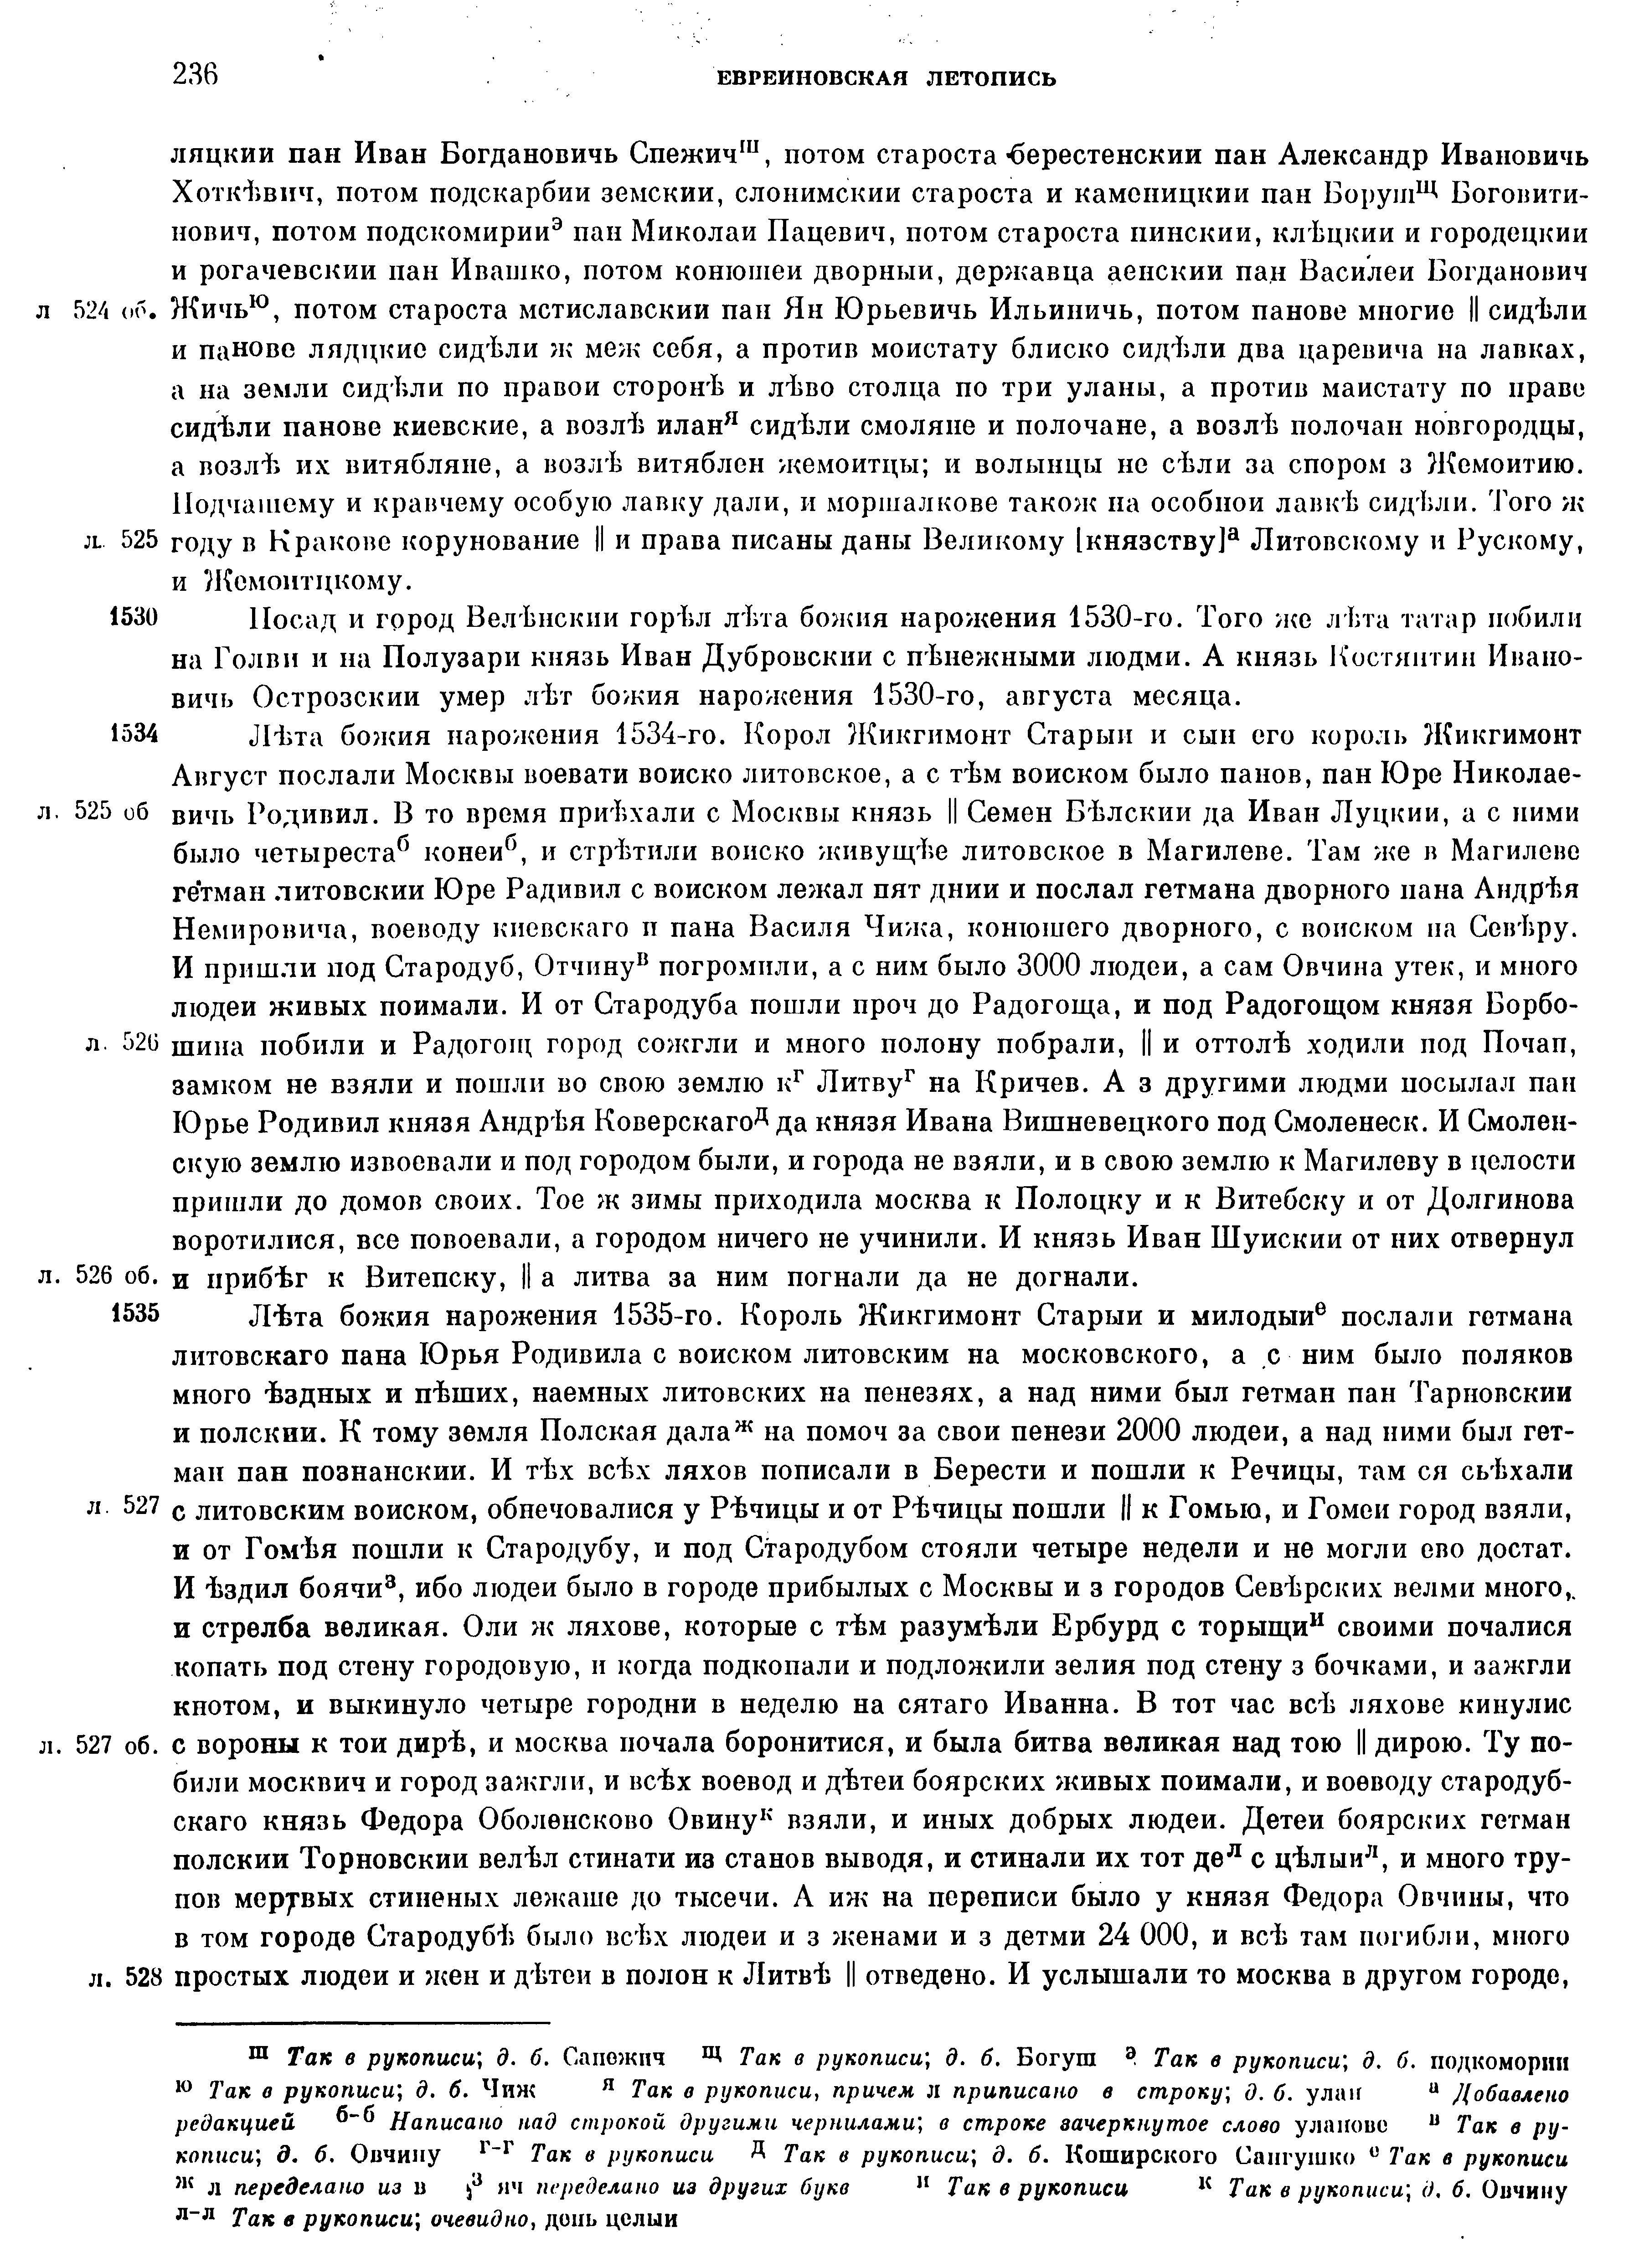 Полное собрание русских летописей. Том 35